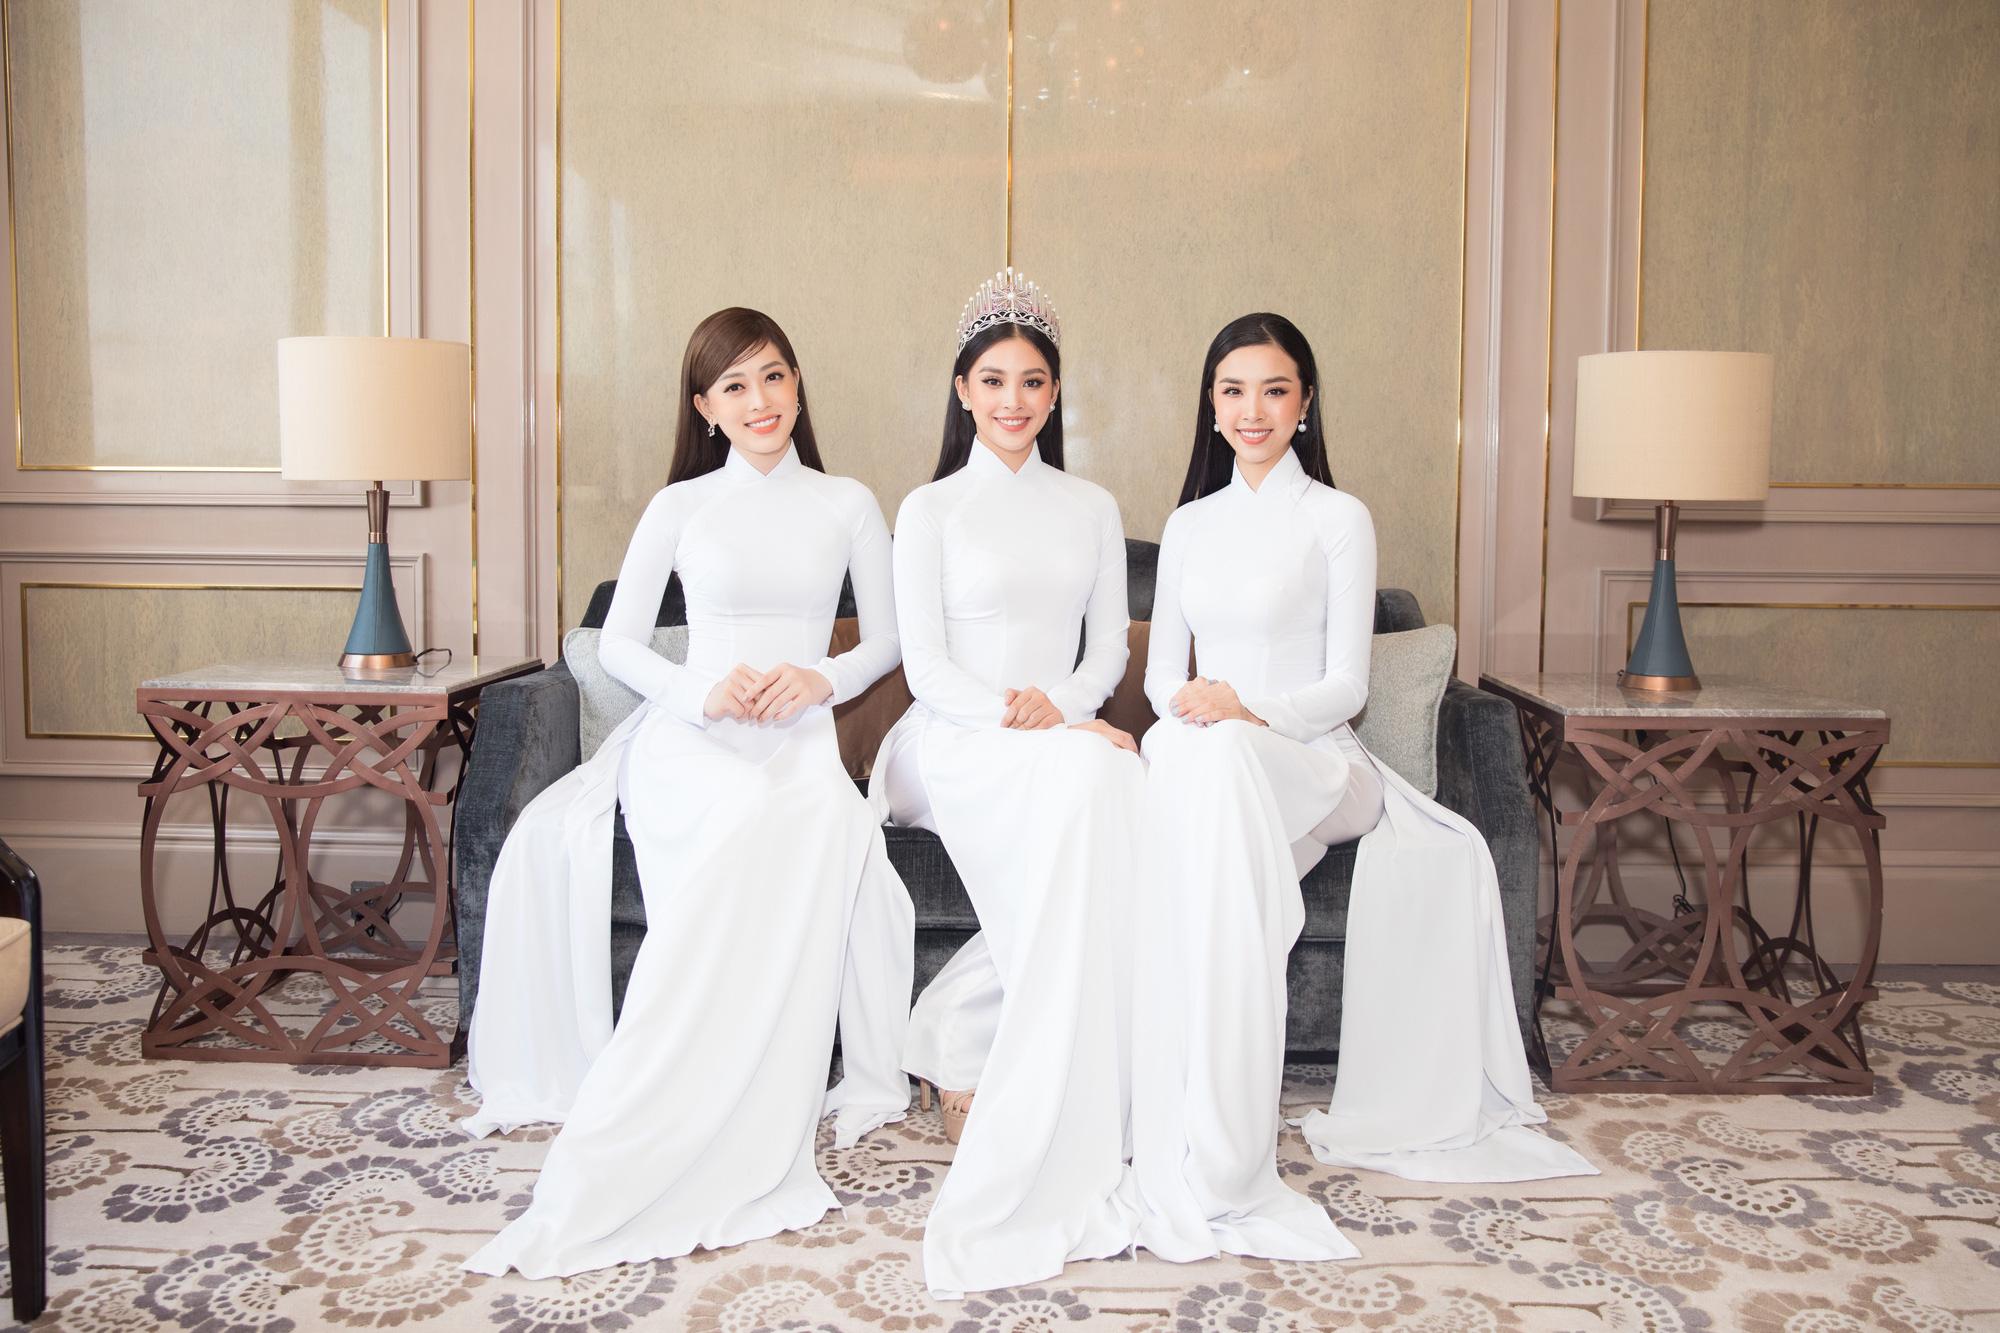 """Trần Tiểu Vy, Lương Thùy Linh, Đỗ Mỹ Linh mặc áo dài trắng đọ sắc đẹp """"hút hồn"""" - Ảnh 4."""